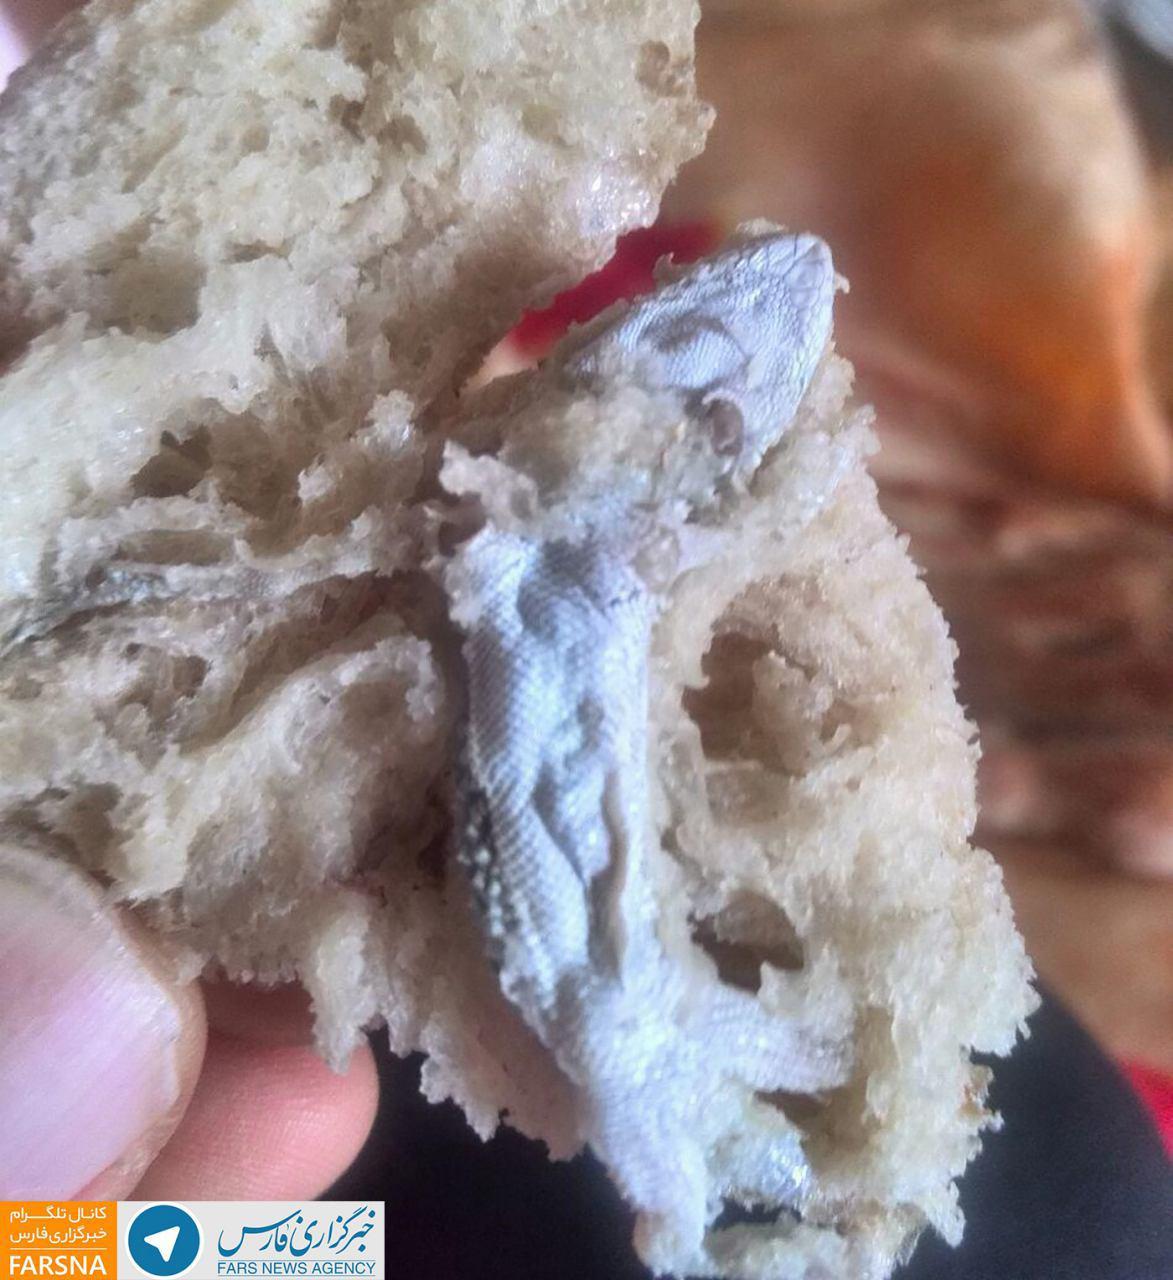 پخت نان با چاشنی مارمولک در مازندران (+عکس)